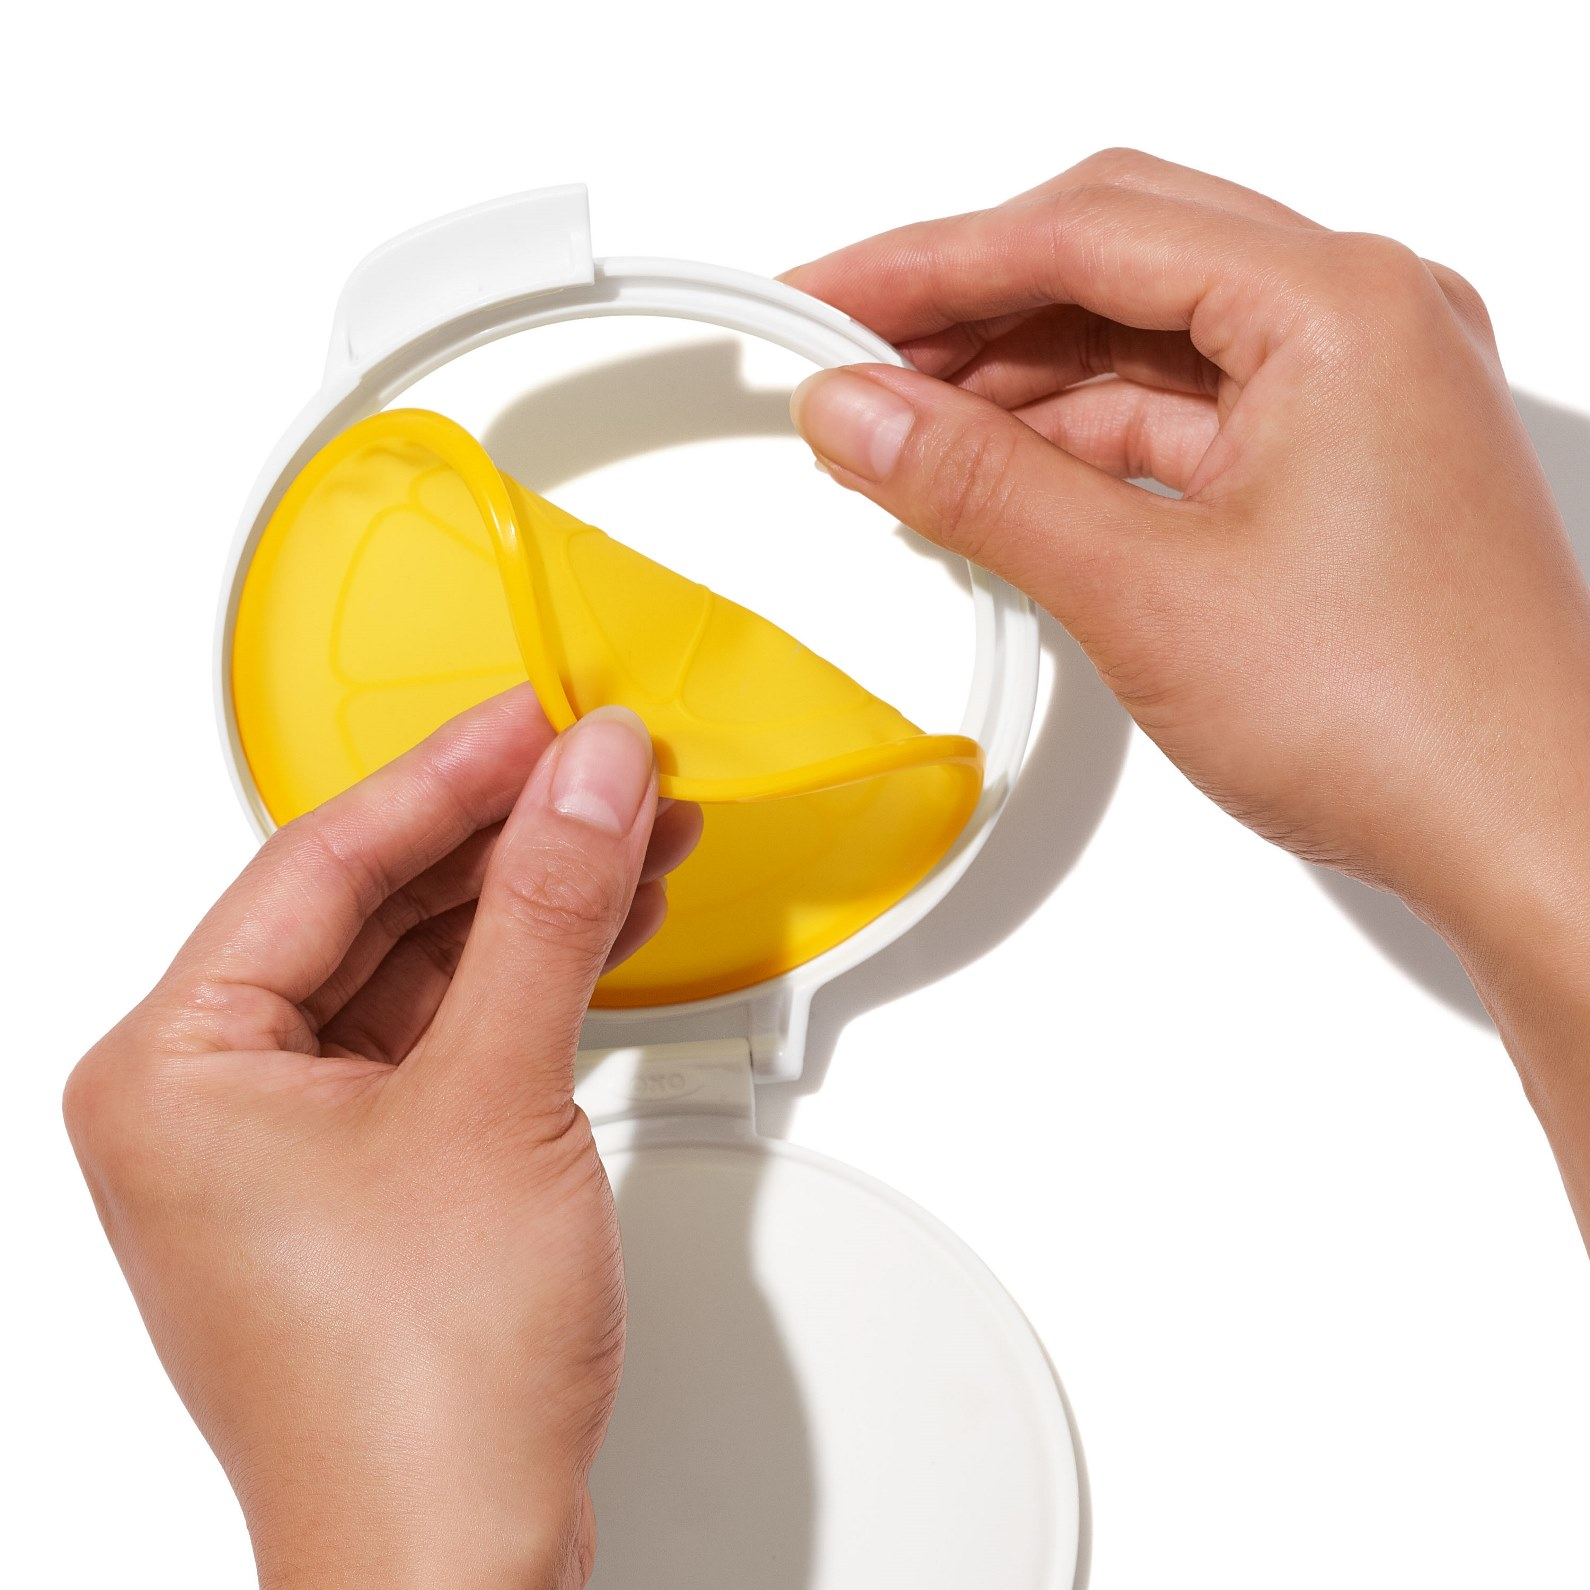 Контейнер гибкий для хранения лимона ОХО FOOD STORAGE, желтый OXO 11249800 фото 6